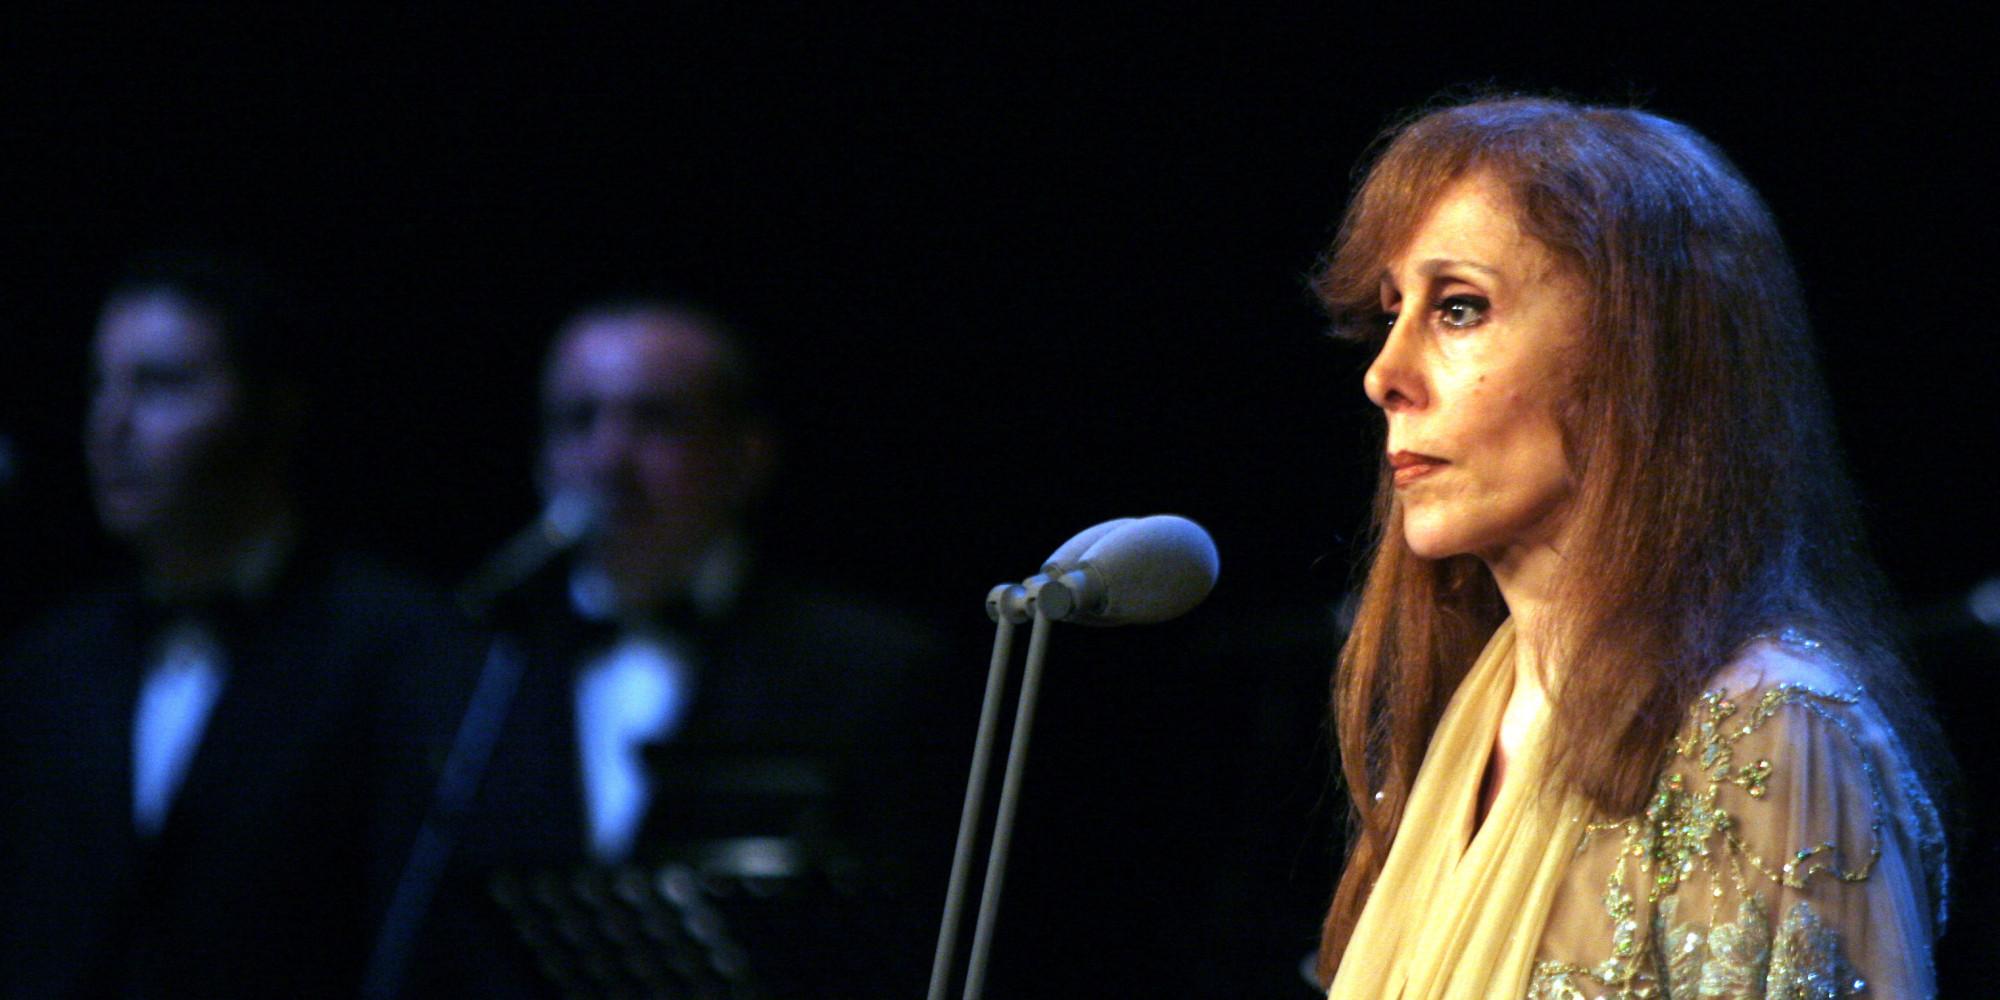 Fairouz Songs throughout la chanteuse fairuz signe son retour avec un nouvel album